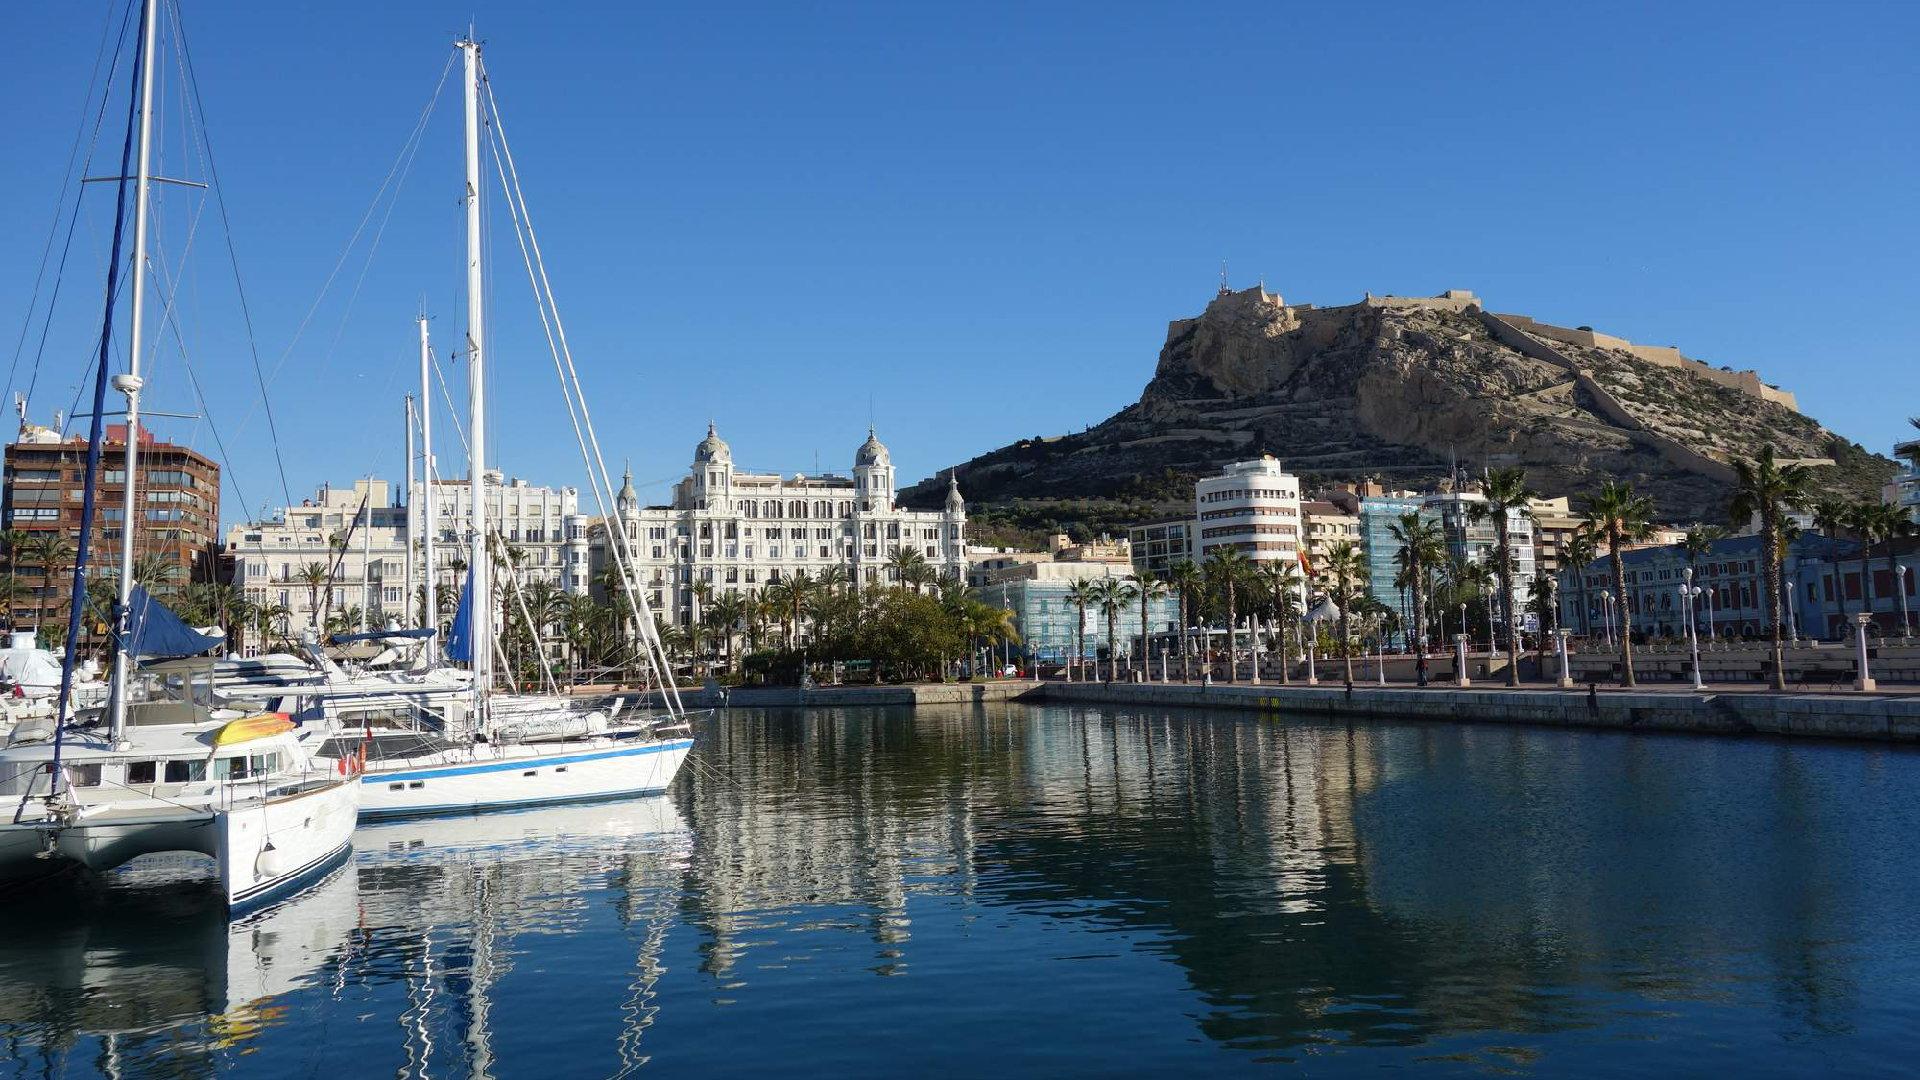 Alicante ve Španělsku – Můj podrobný osobní průvodce